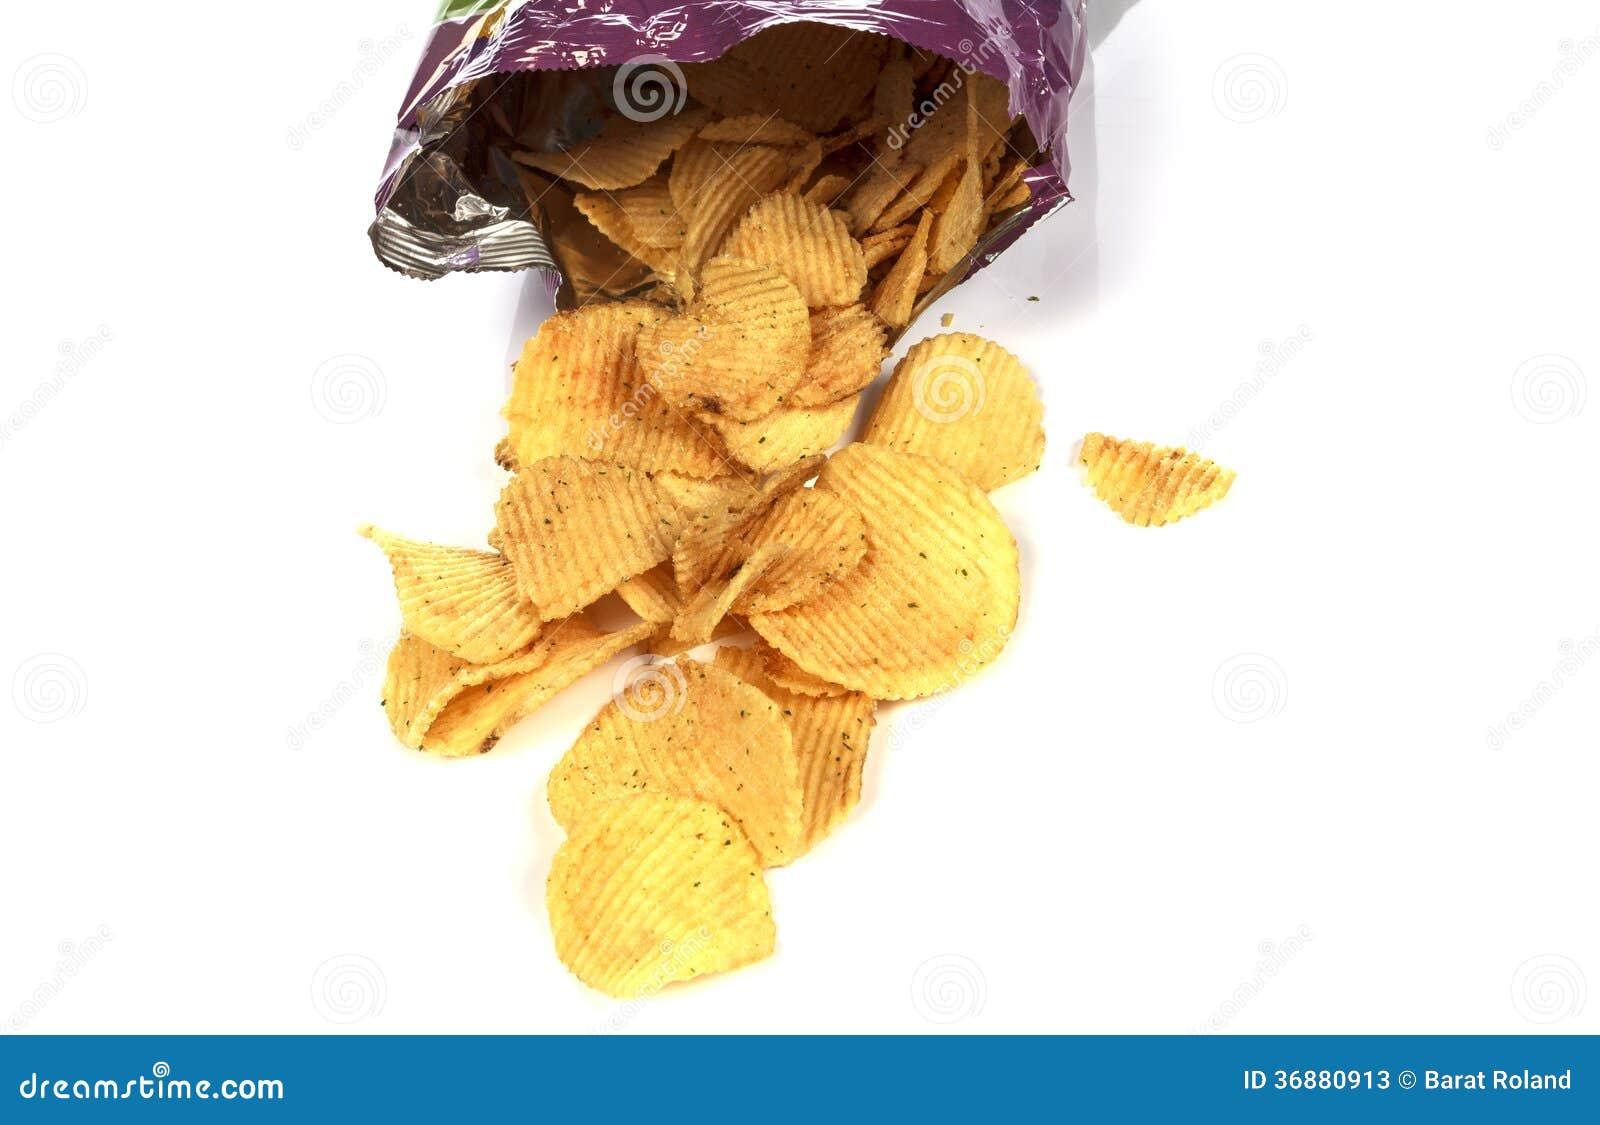 Download Patatine fritte immagine stock. Immagine di piatto, calorie - 36880913